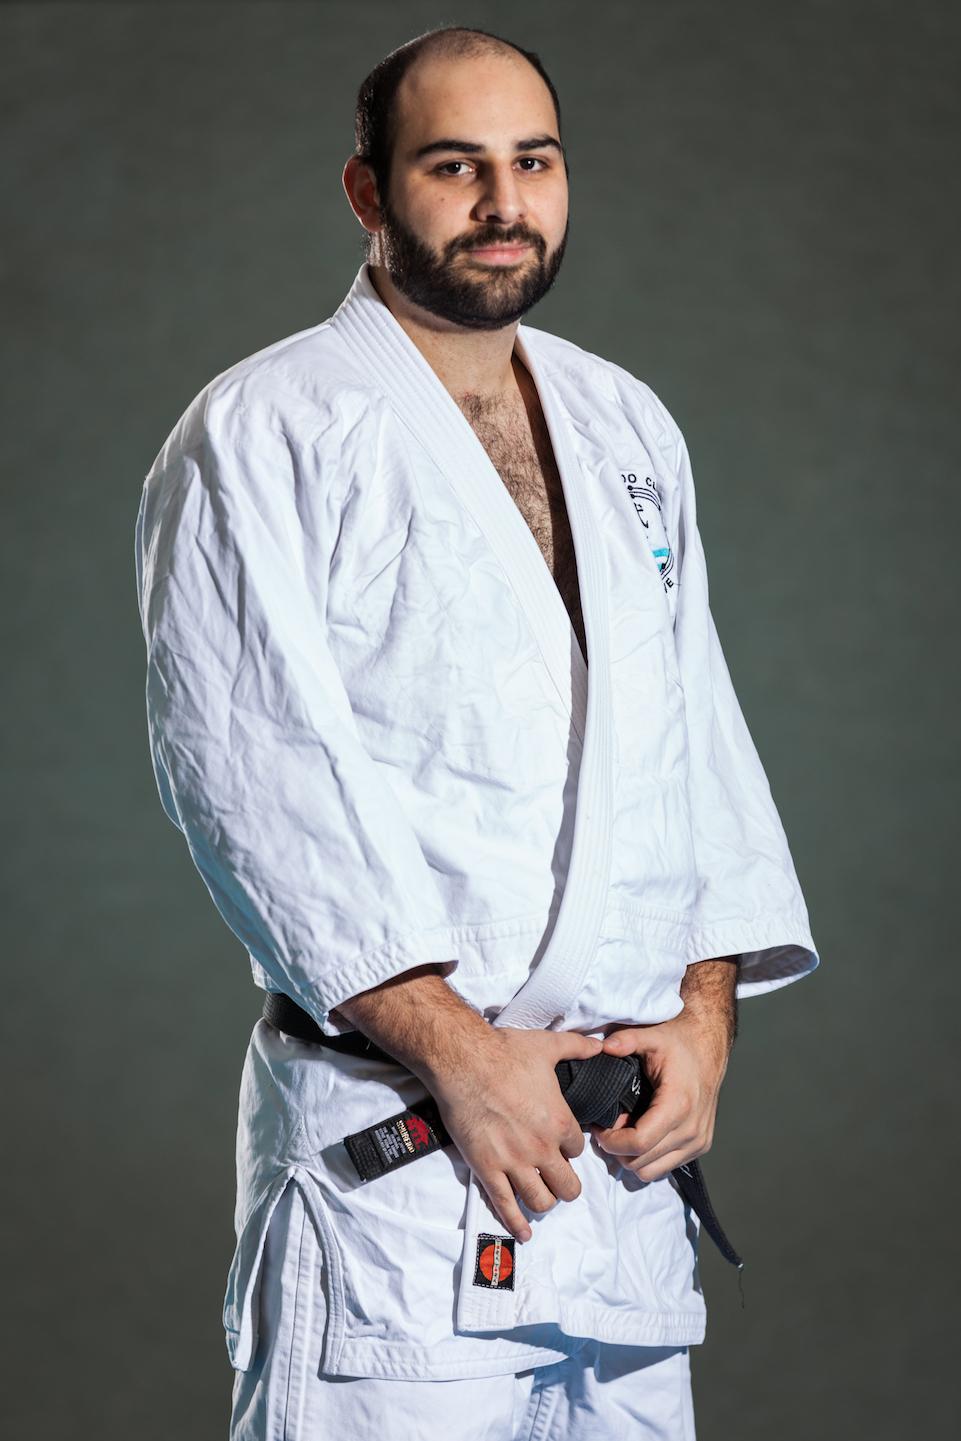 Marc Philippi